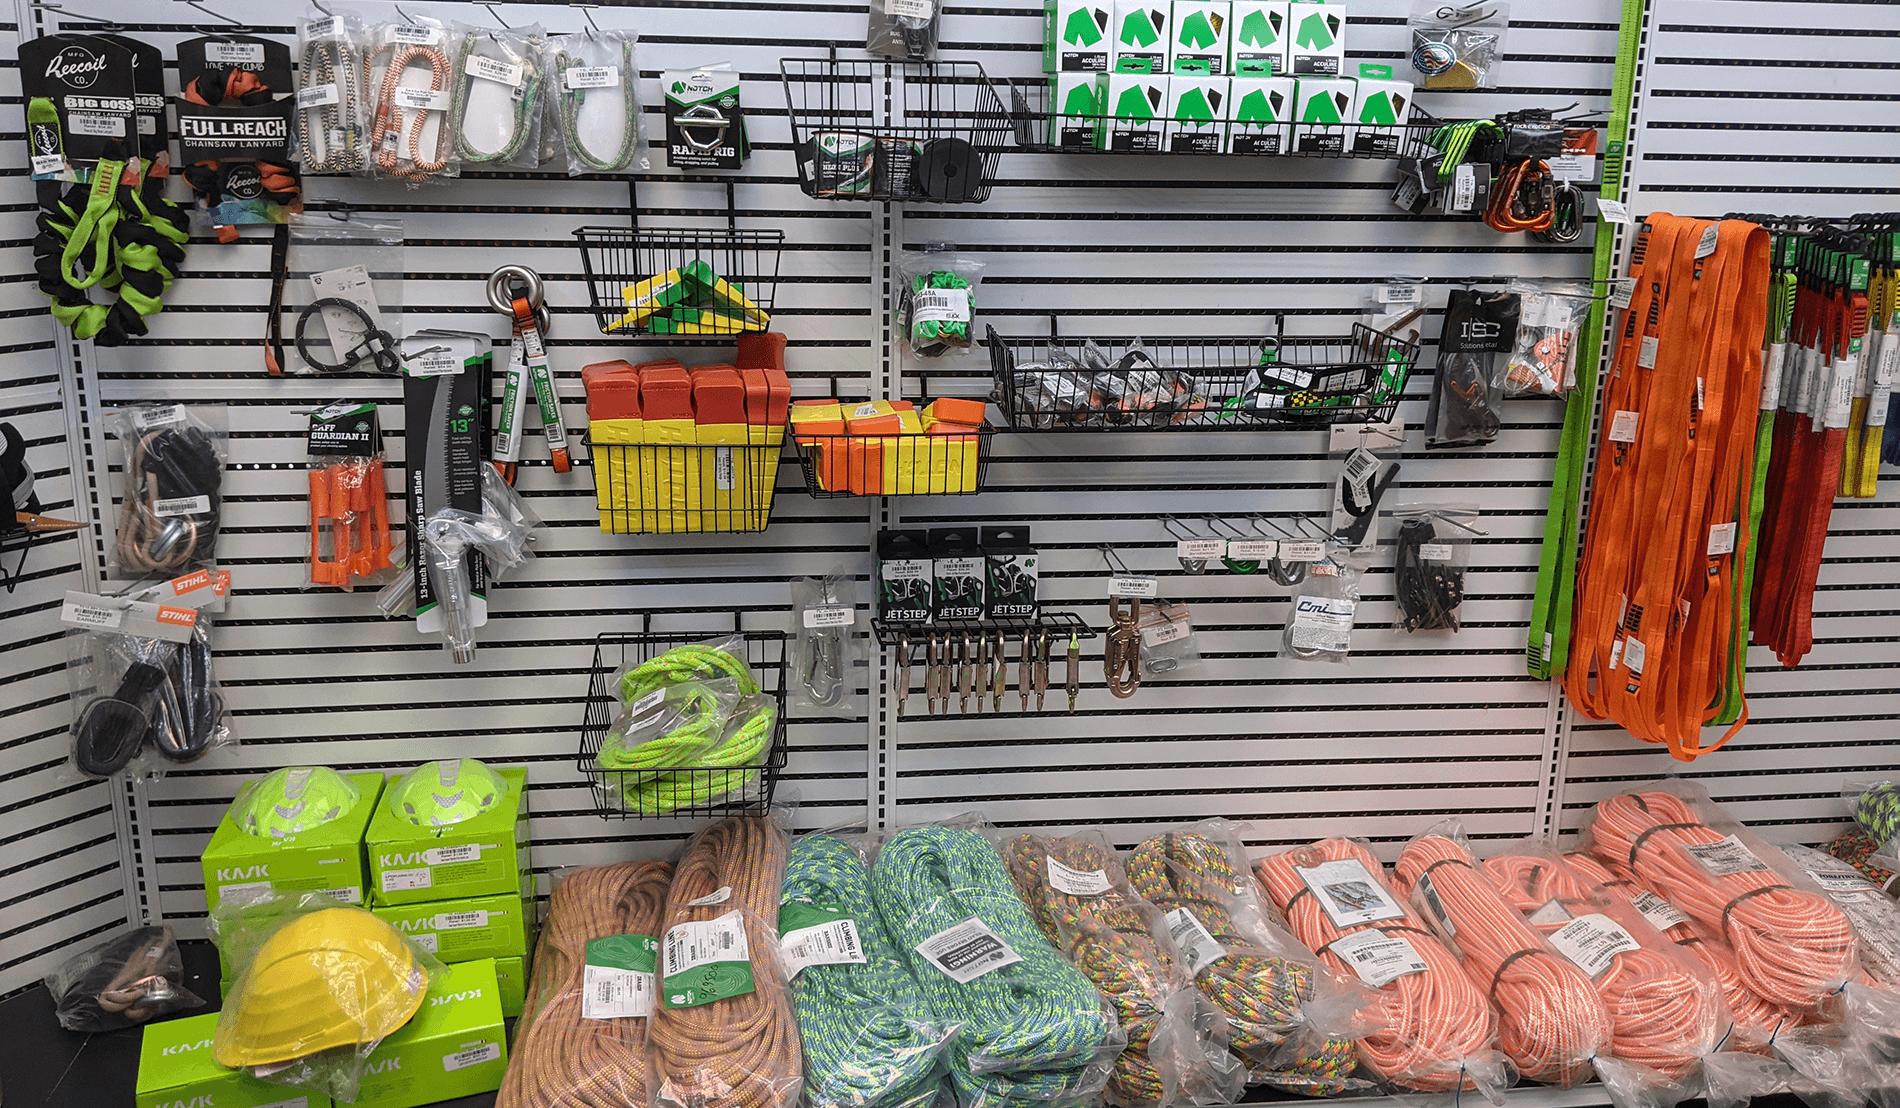 Arborist Equipment